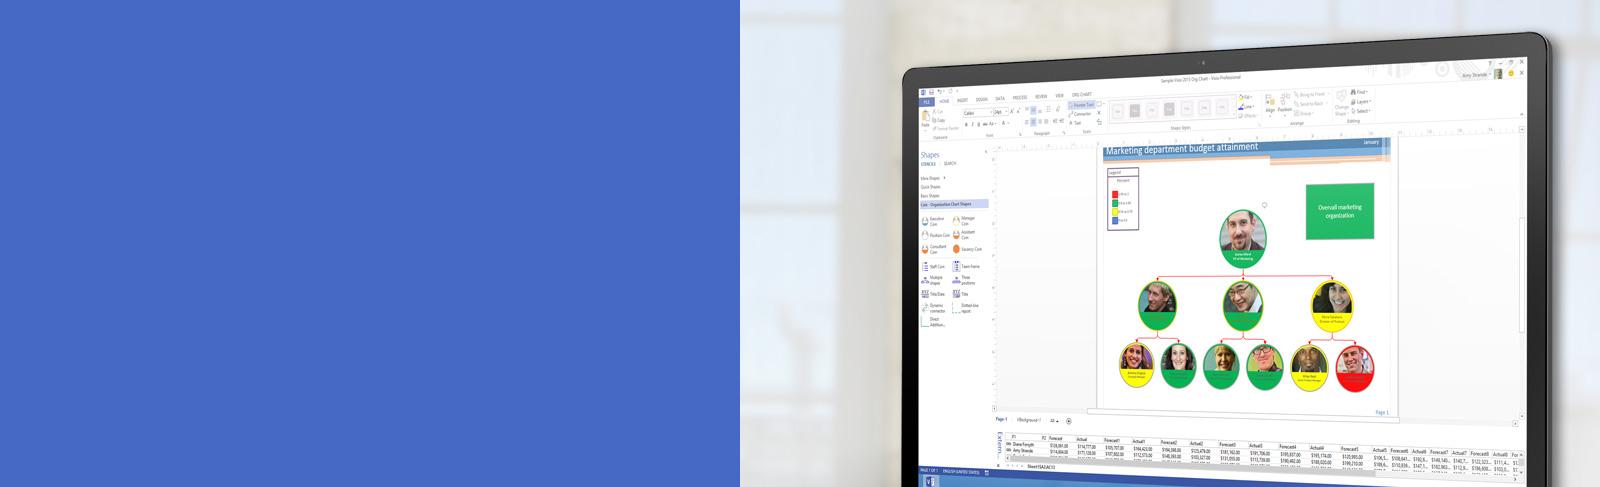 หน้าจอเดสก์ท็อปแสดงไดอะแกรมใน Visio 2013